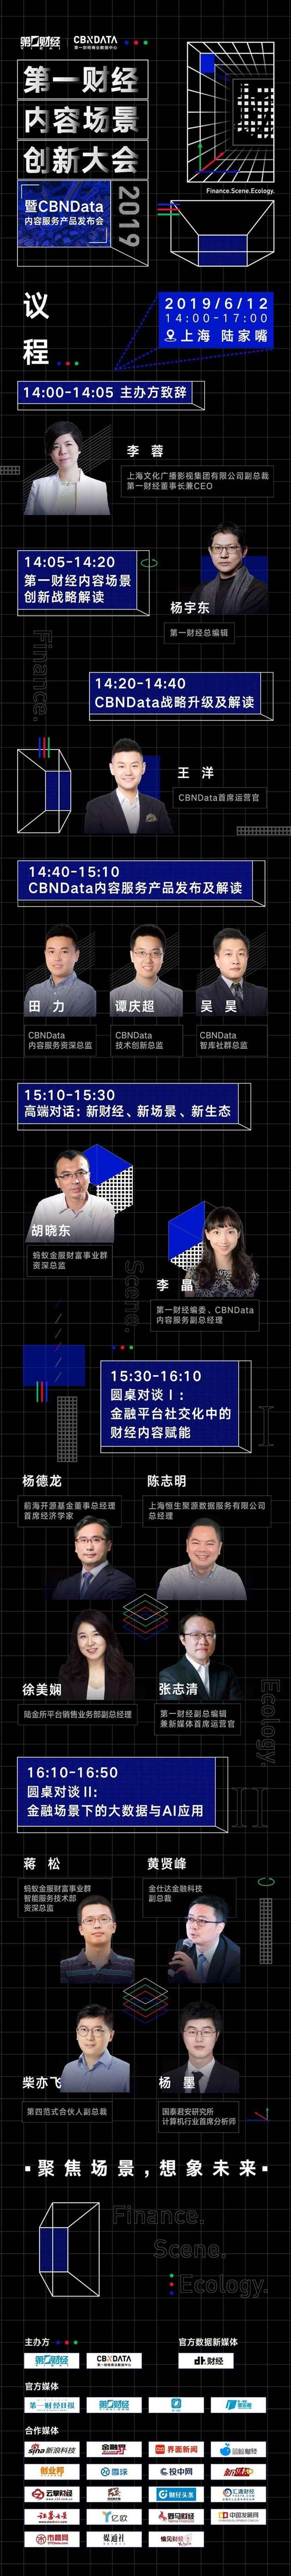 议程长图+无二维码+logo.jpg